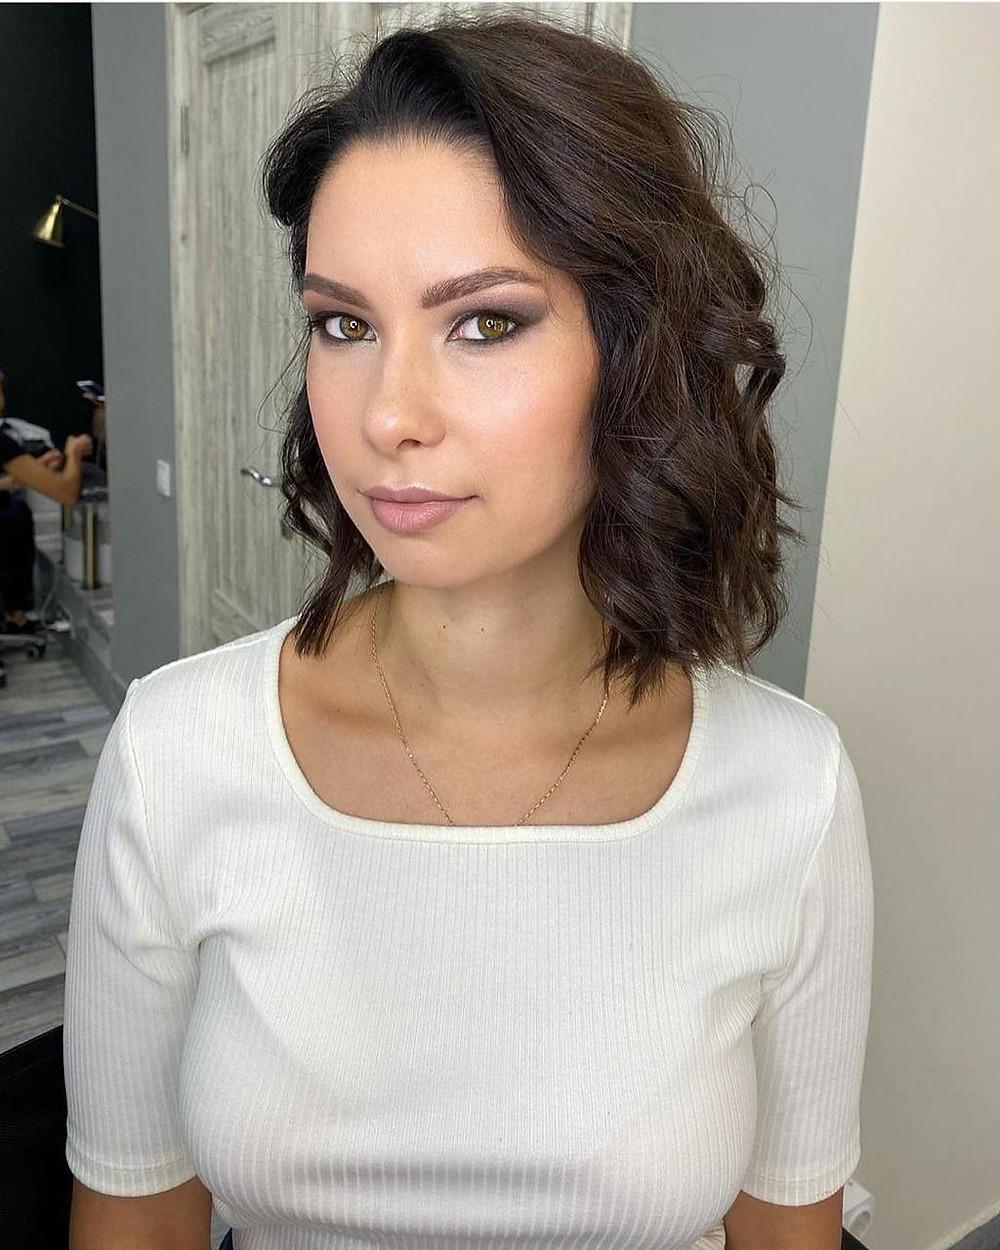 Дневной макияж.Визажист Роман Митино. Мастерская красоты SOVA